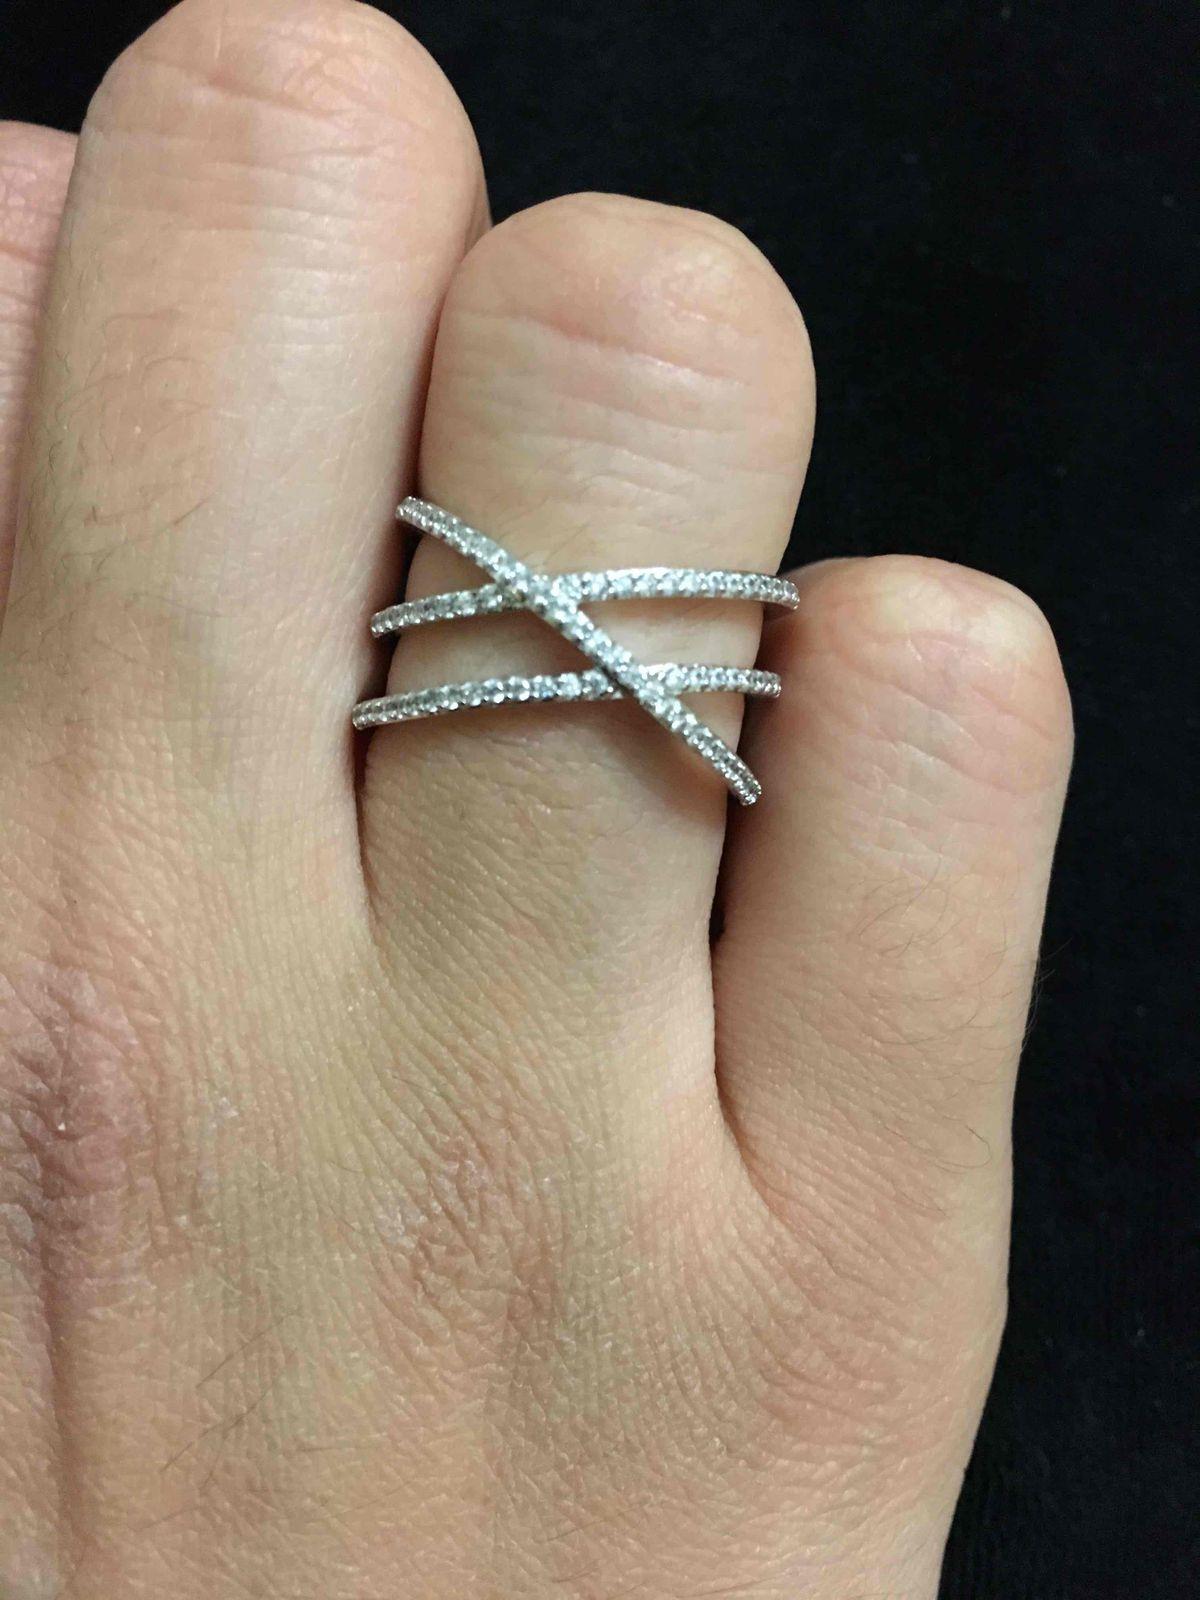 Очень изящное, крупное, привлекающее внимание, нежное кольцо!